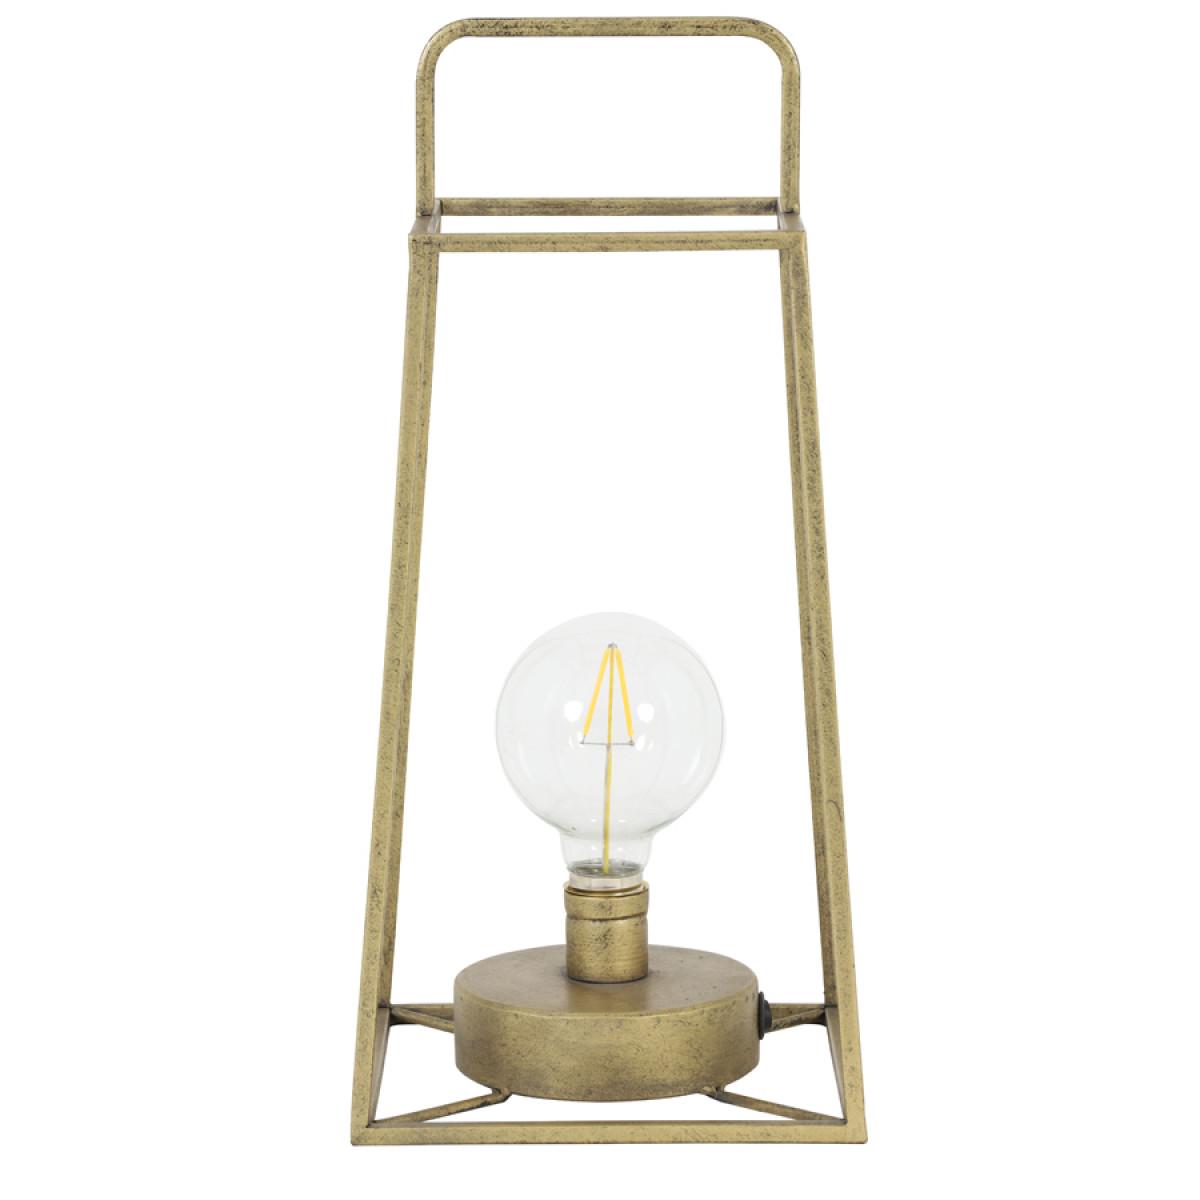 Tafellamp Fauve antiek brons met lamp